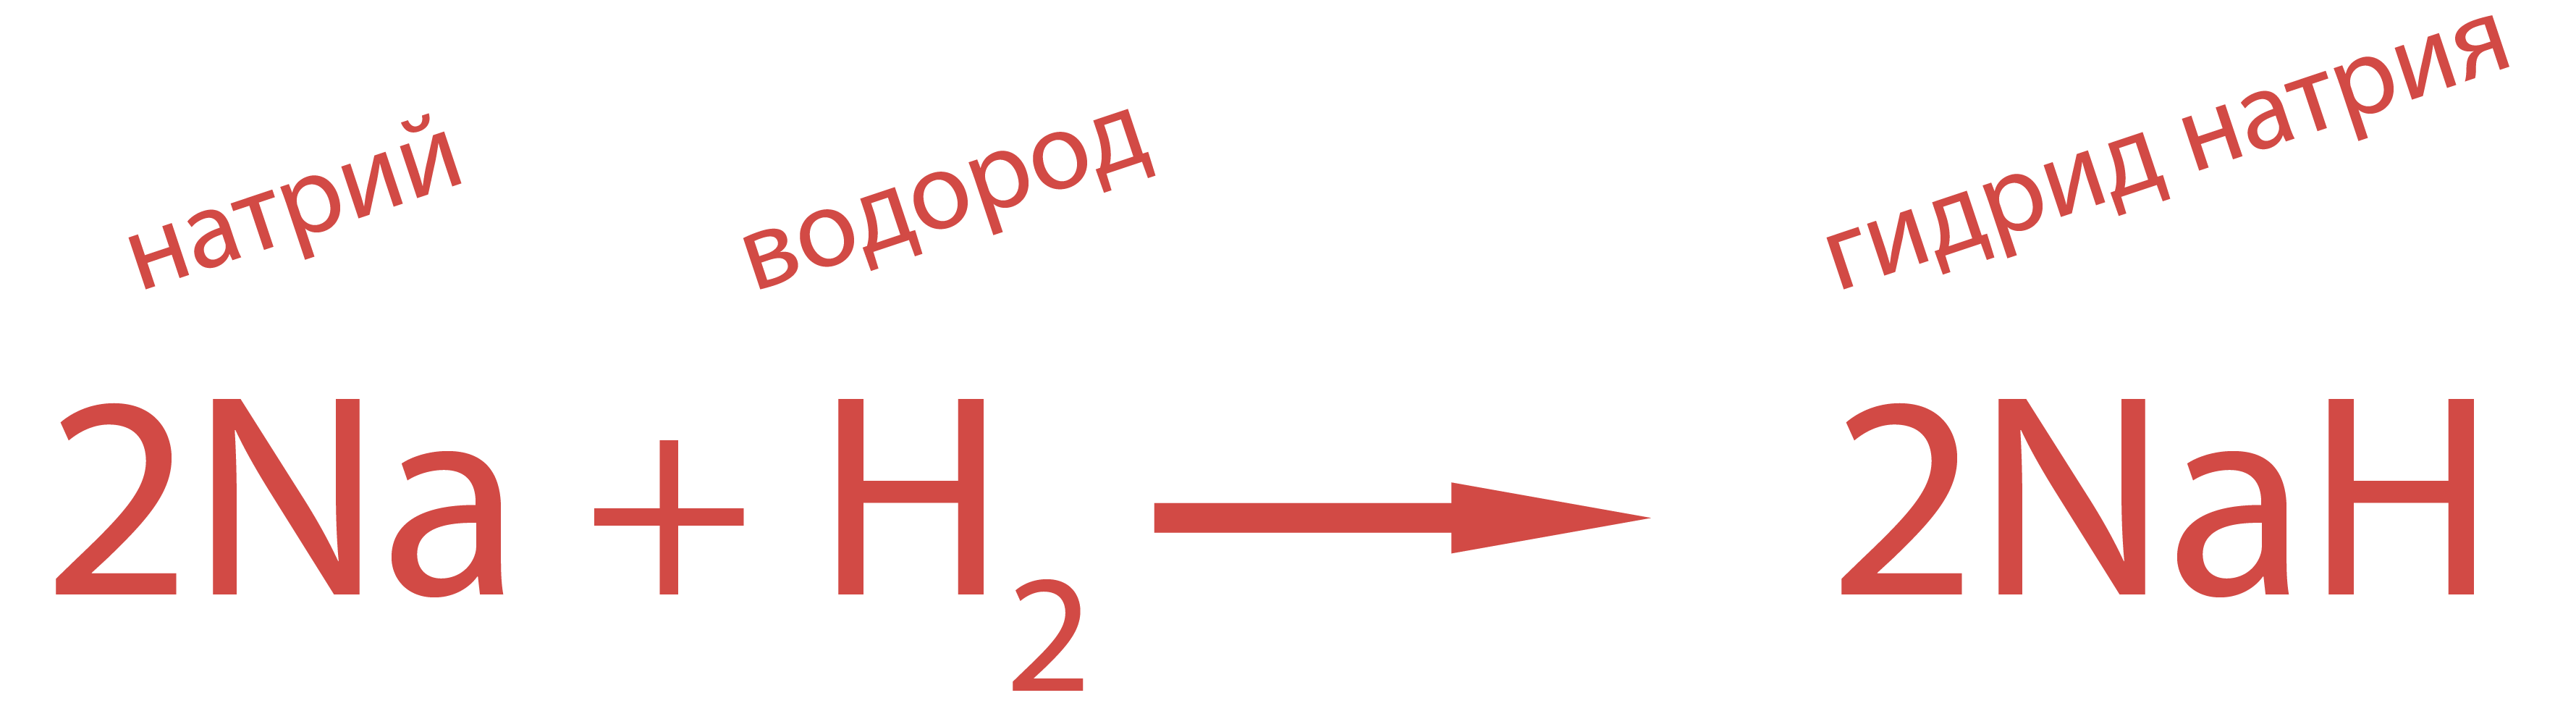 Водород реагирует только со щелочными металлами и со фтором